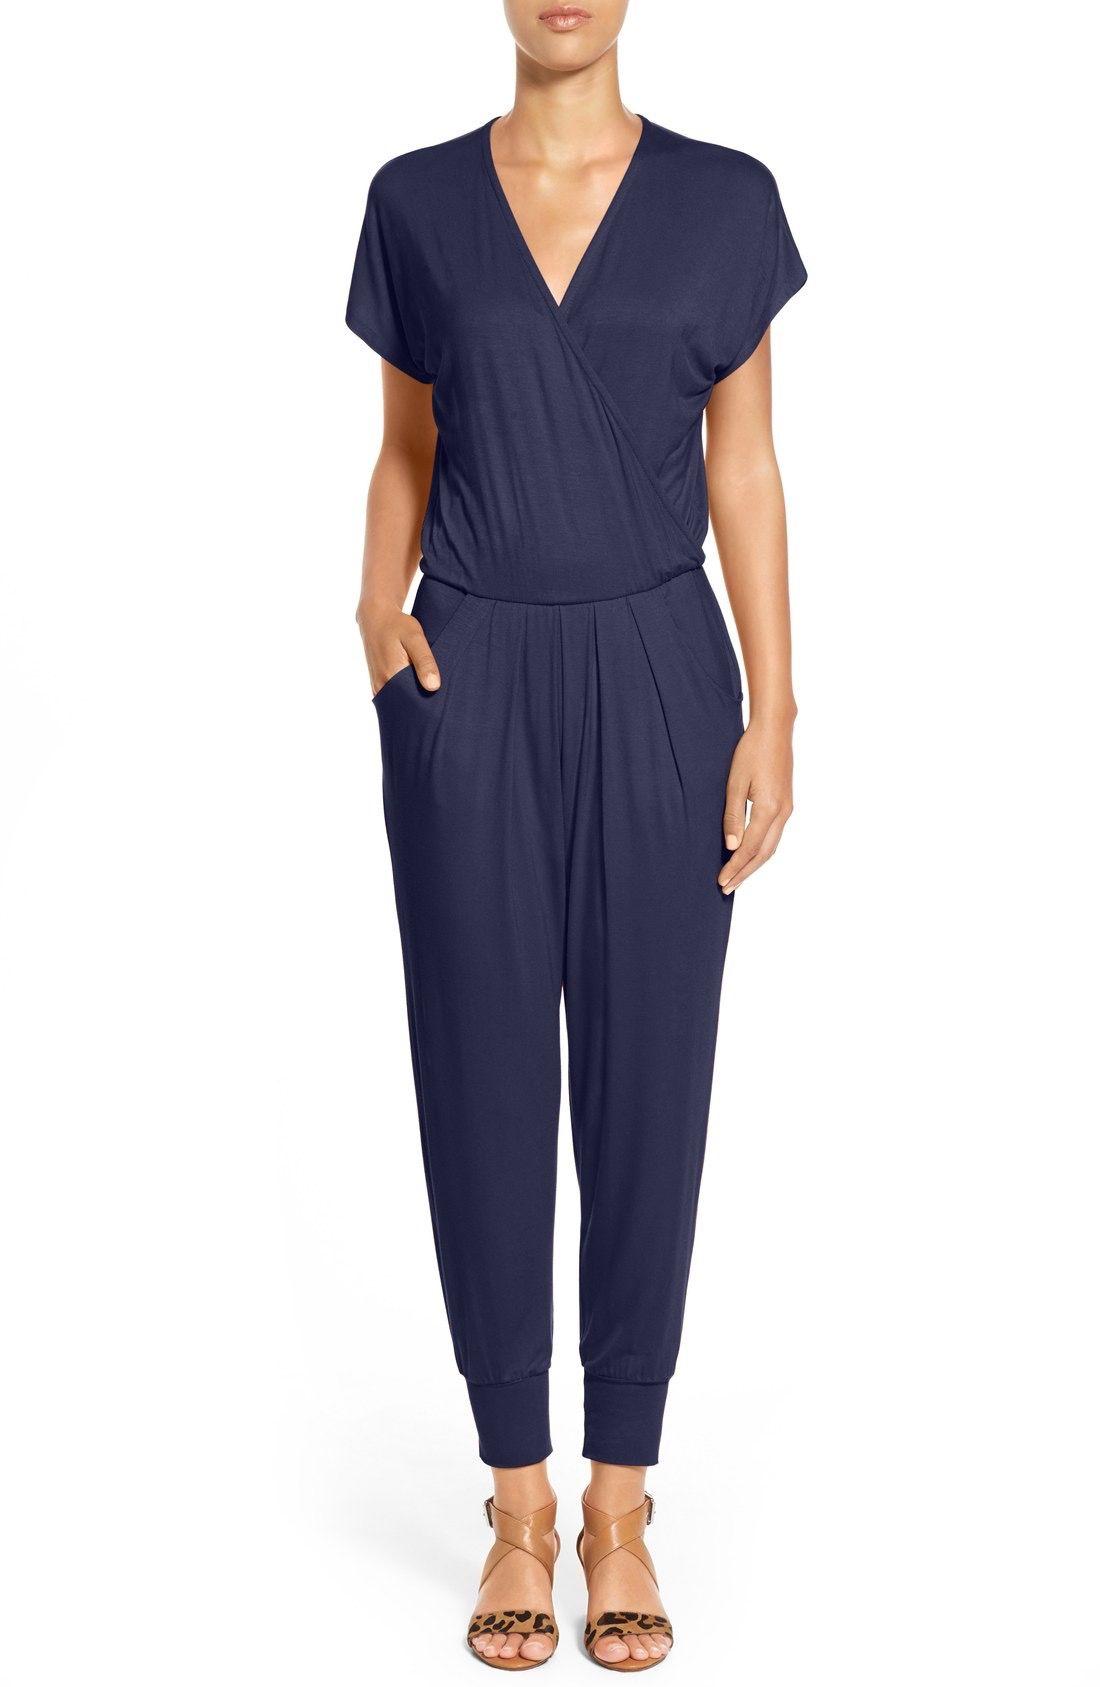 cb1b21fbf48 Loveappella Short Sleeve Wrap Top Jumpsuit (Regular